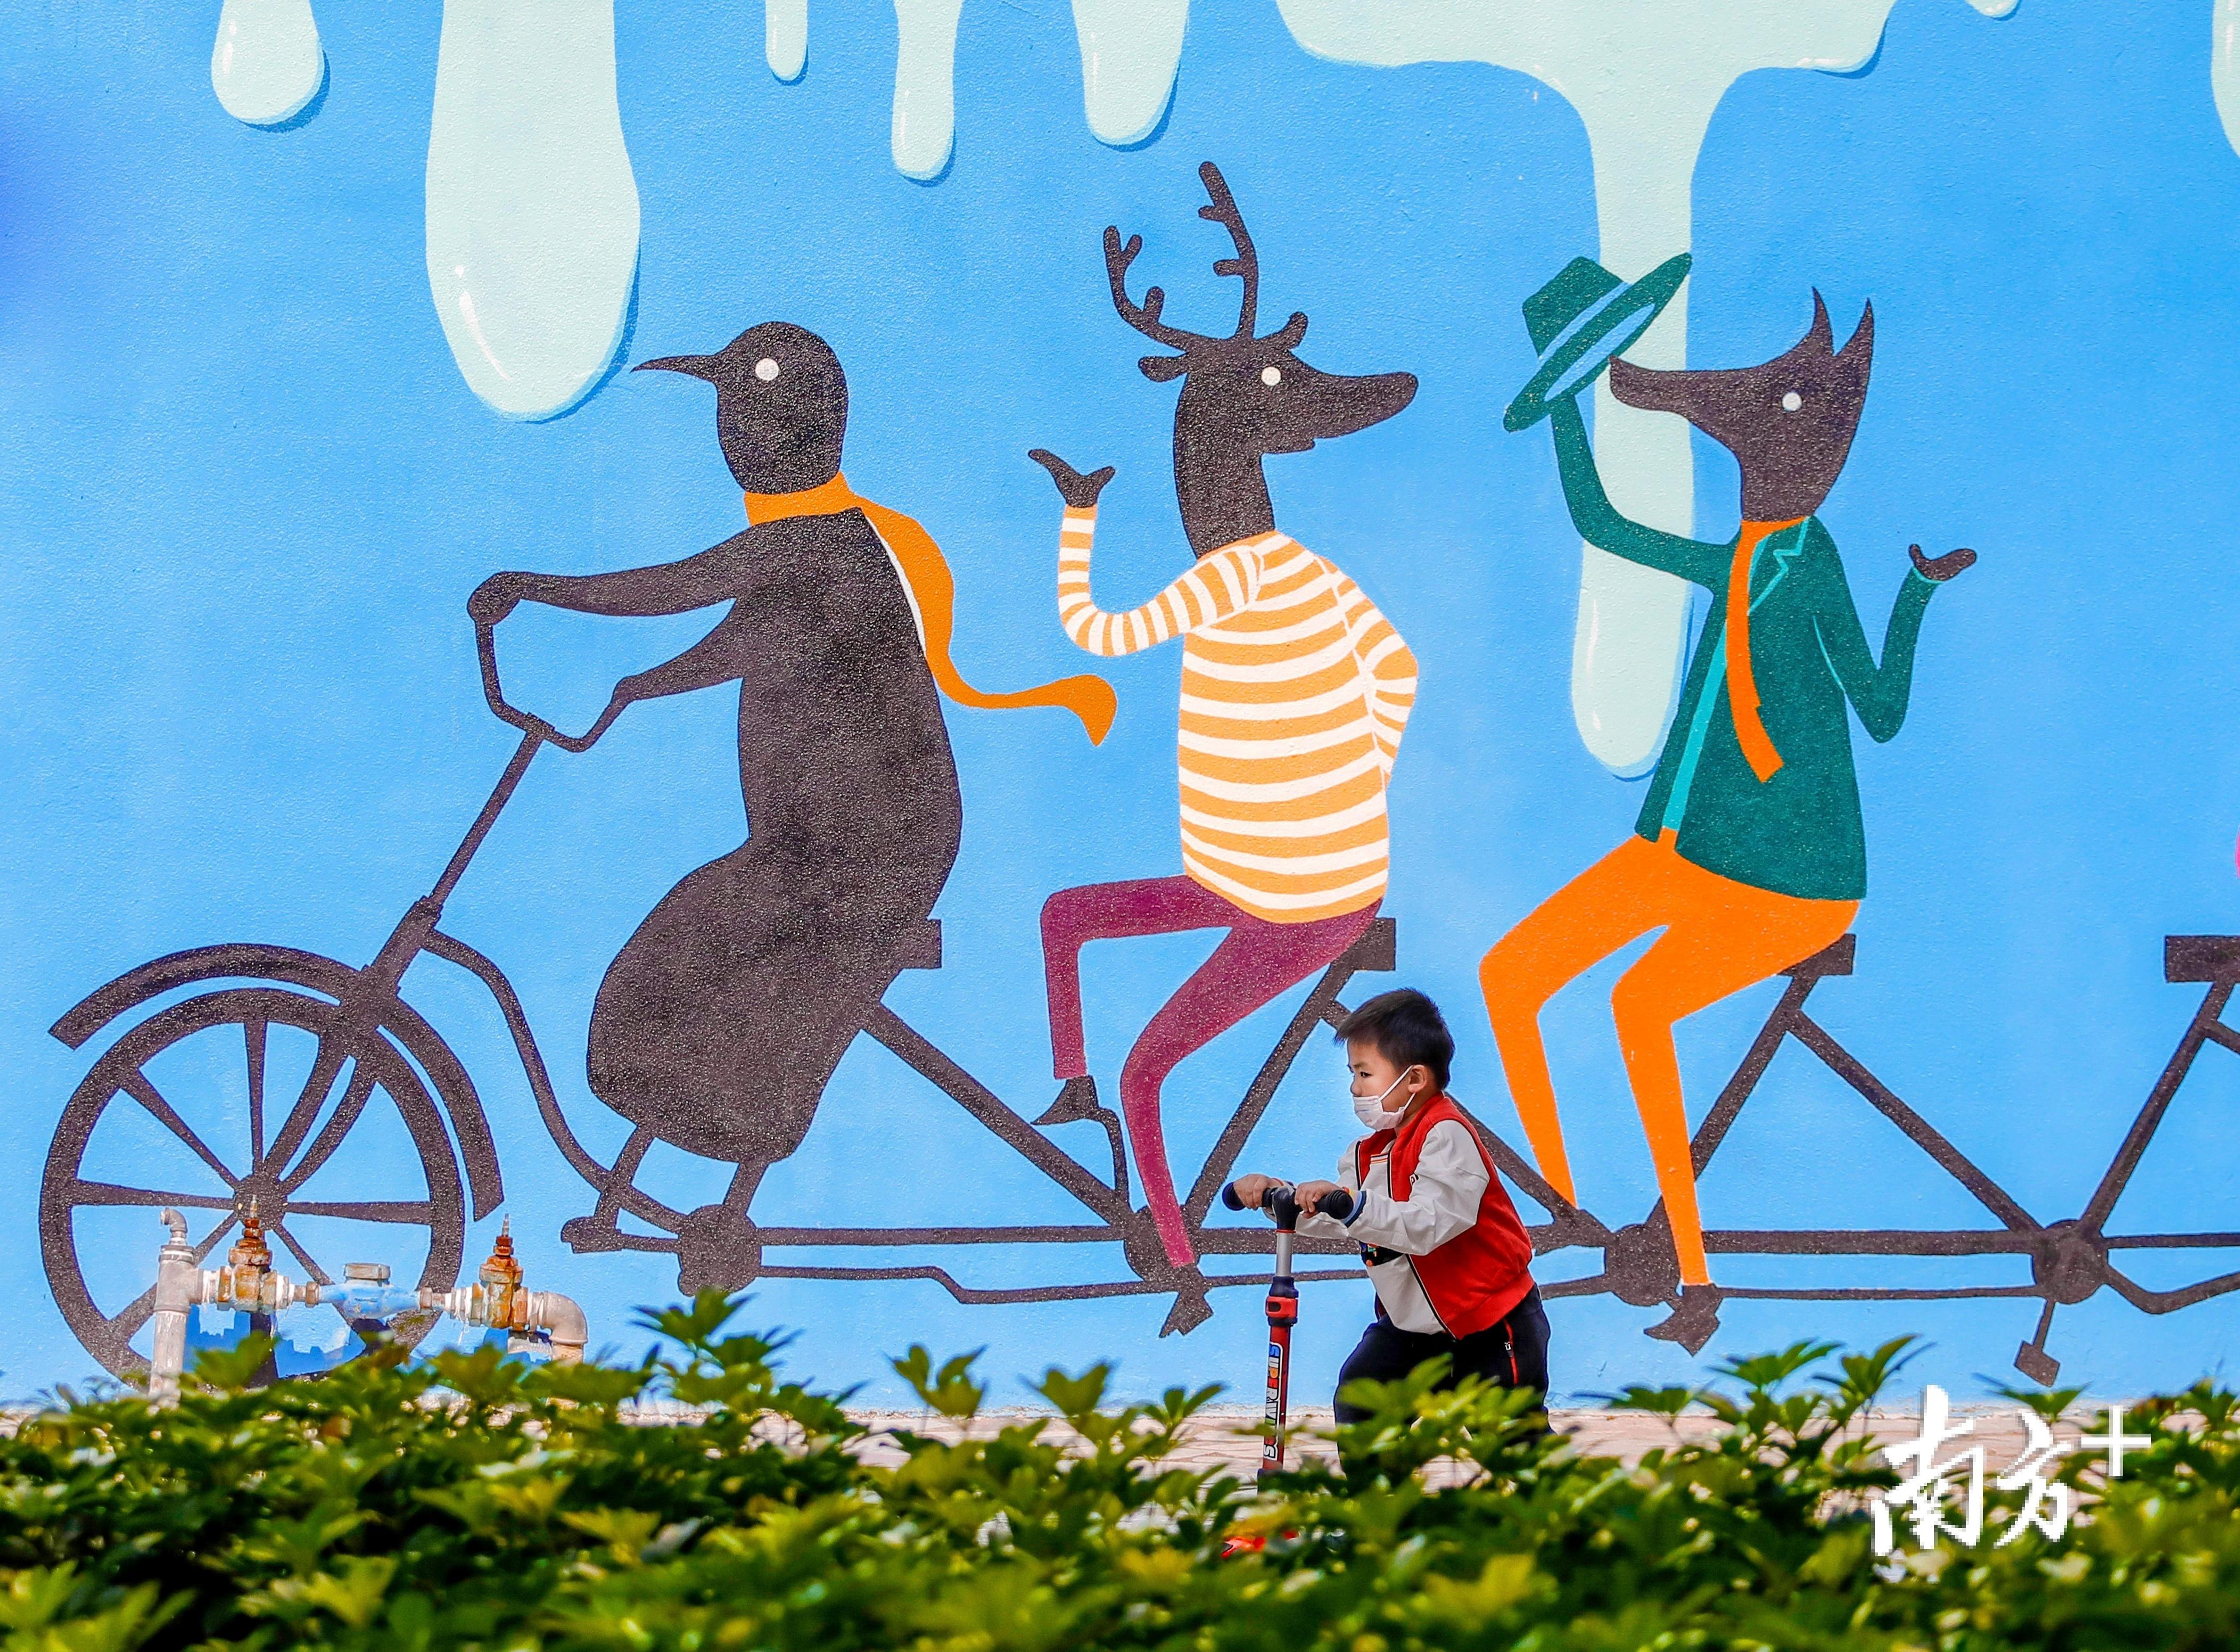 茂名好心绿道经过的卫生间墙面进行了涂鸦创作,给环境增添了活力。